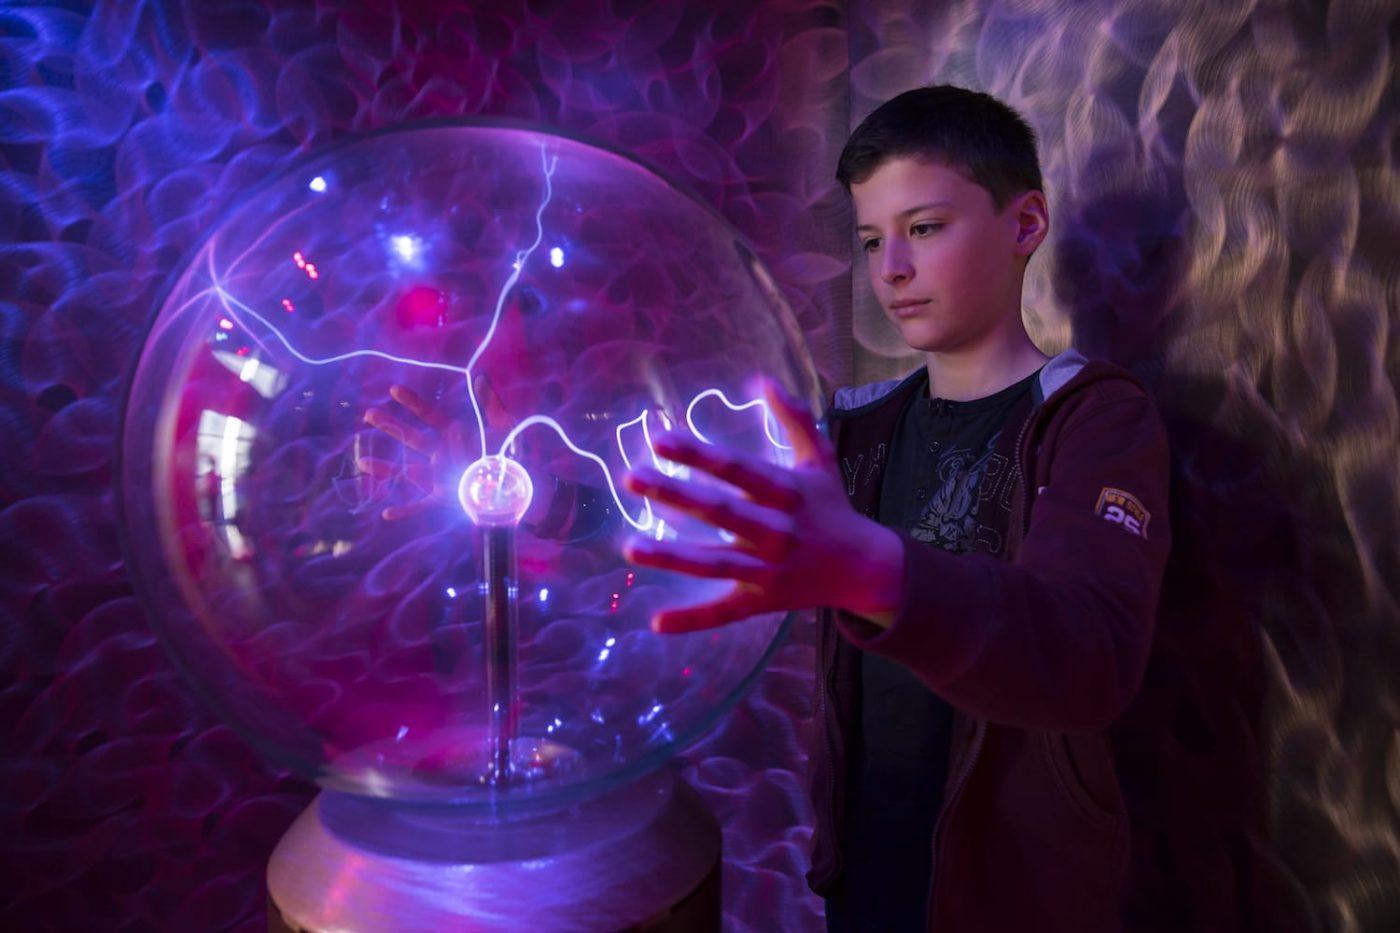 garçon mettant les mains sur un globe plasma , ambiance électrique violette